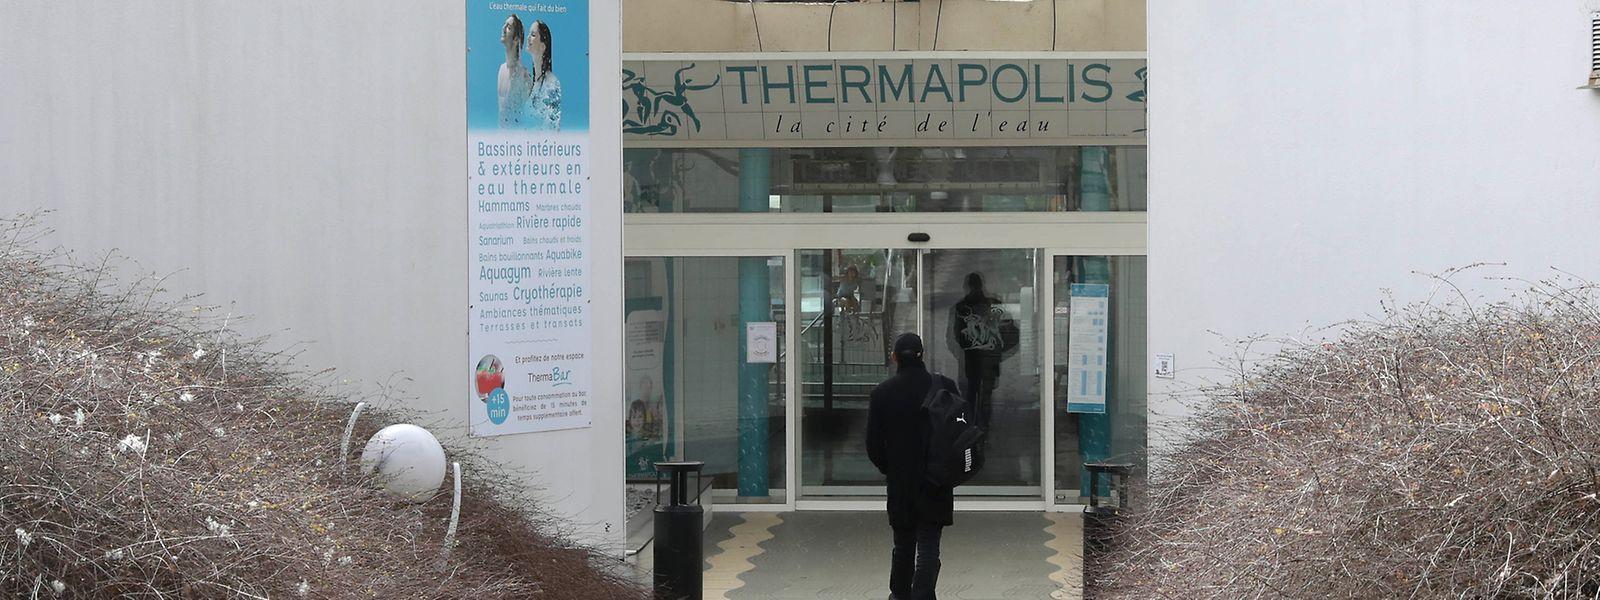 Le complexe thermal a subi de plein fouet la crise sanitaire: en un an, les pertes se chiffrent à 3,7 millions d'euros.